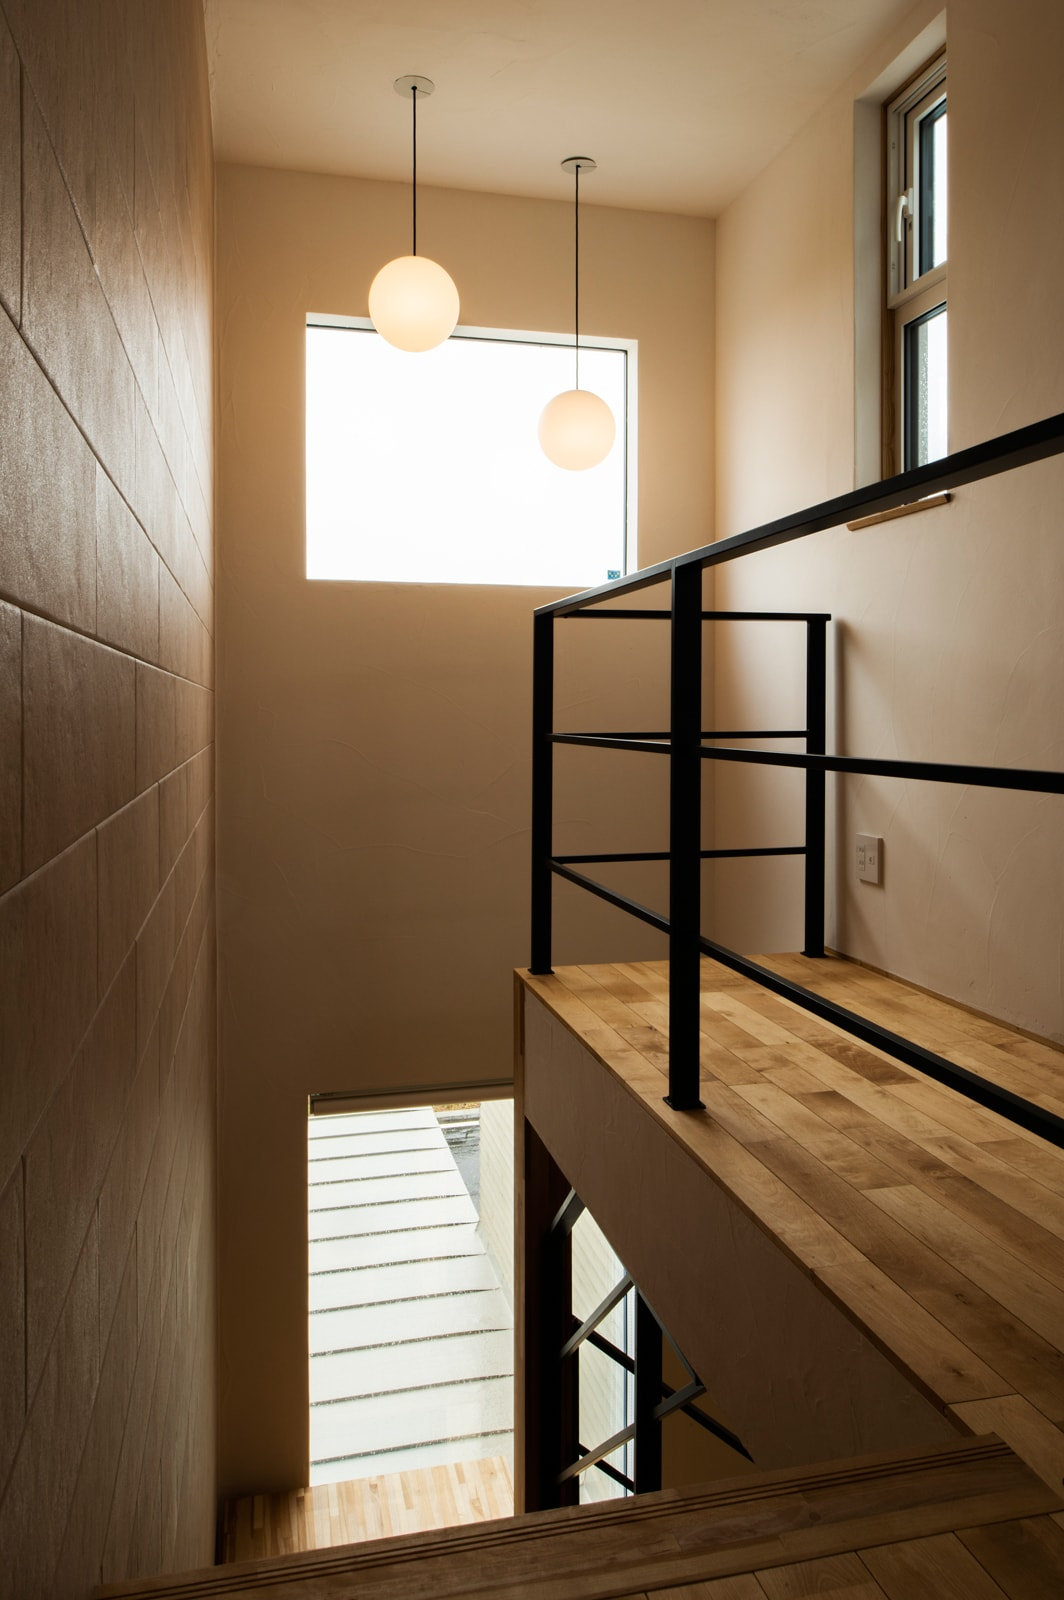 大きな窓から踊り場に光が降り注ぐ。壁は3階天井までエコカラット仕様。この階段が外からも見えるようにデザインした